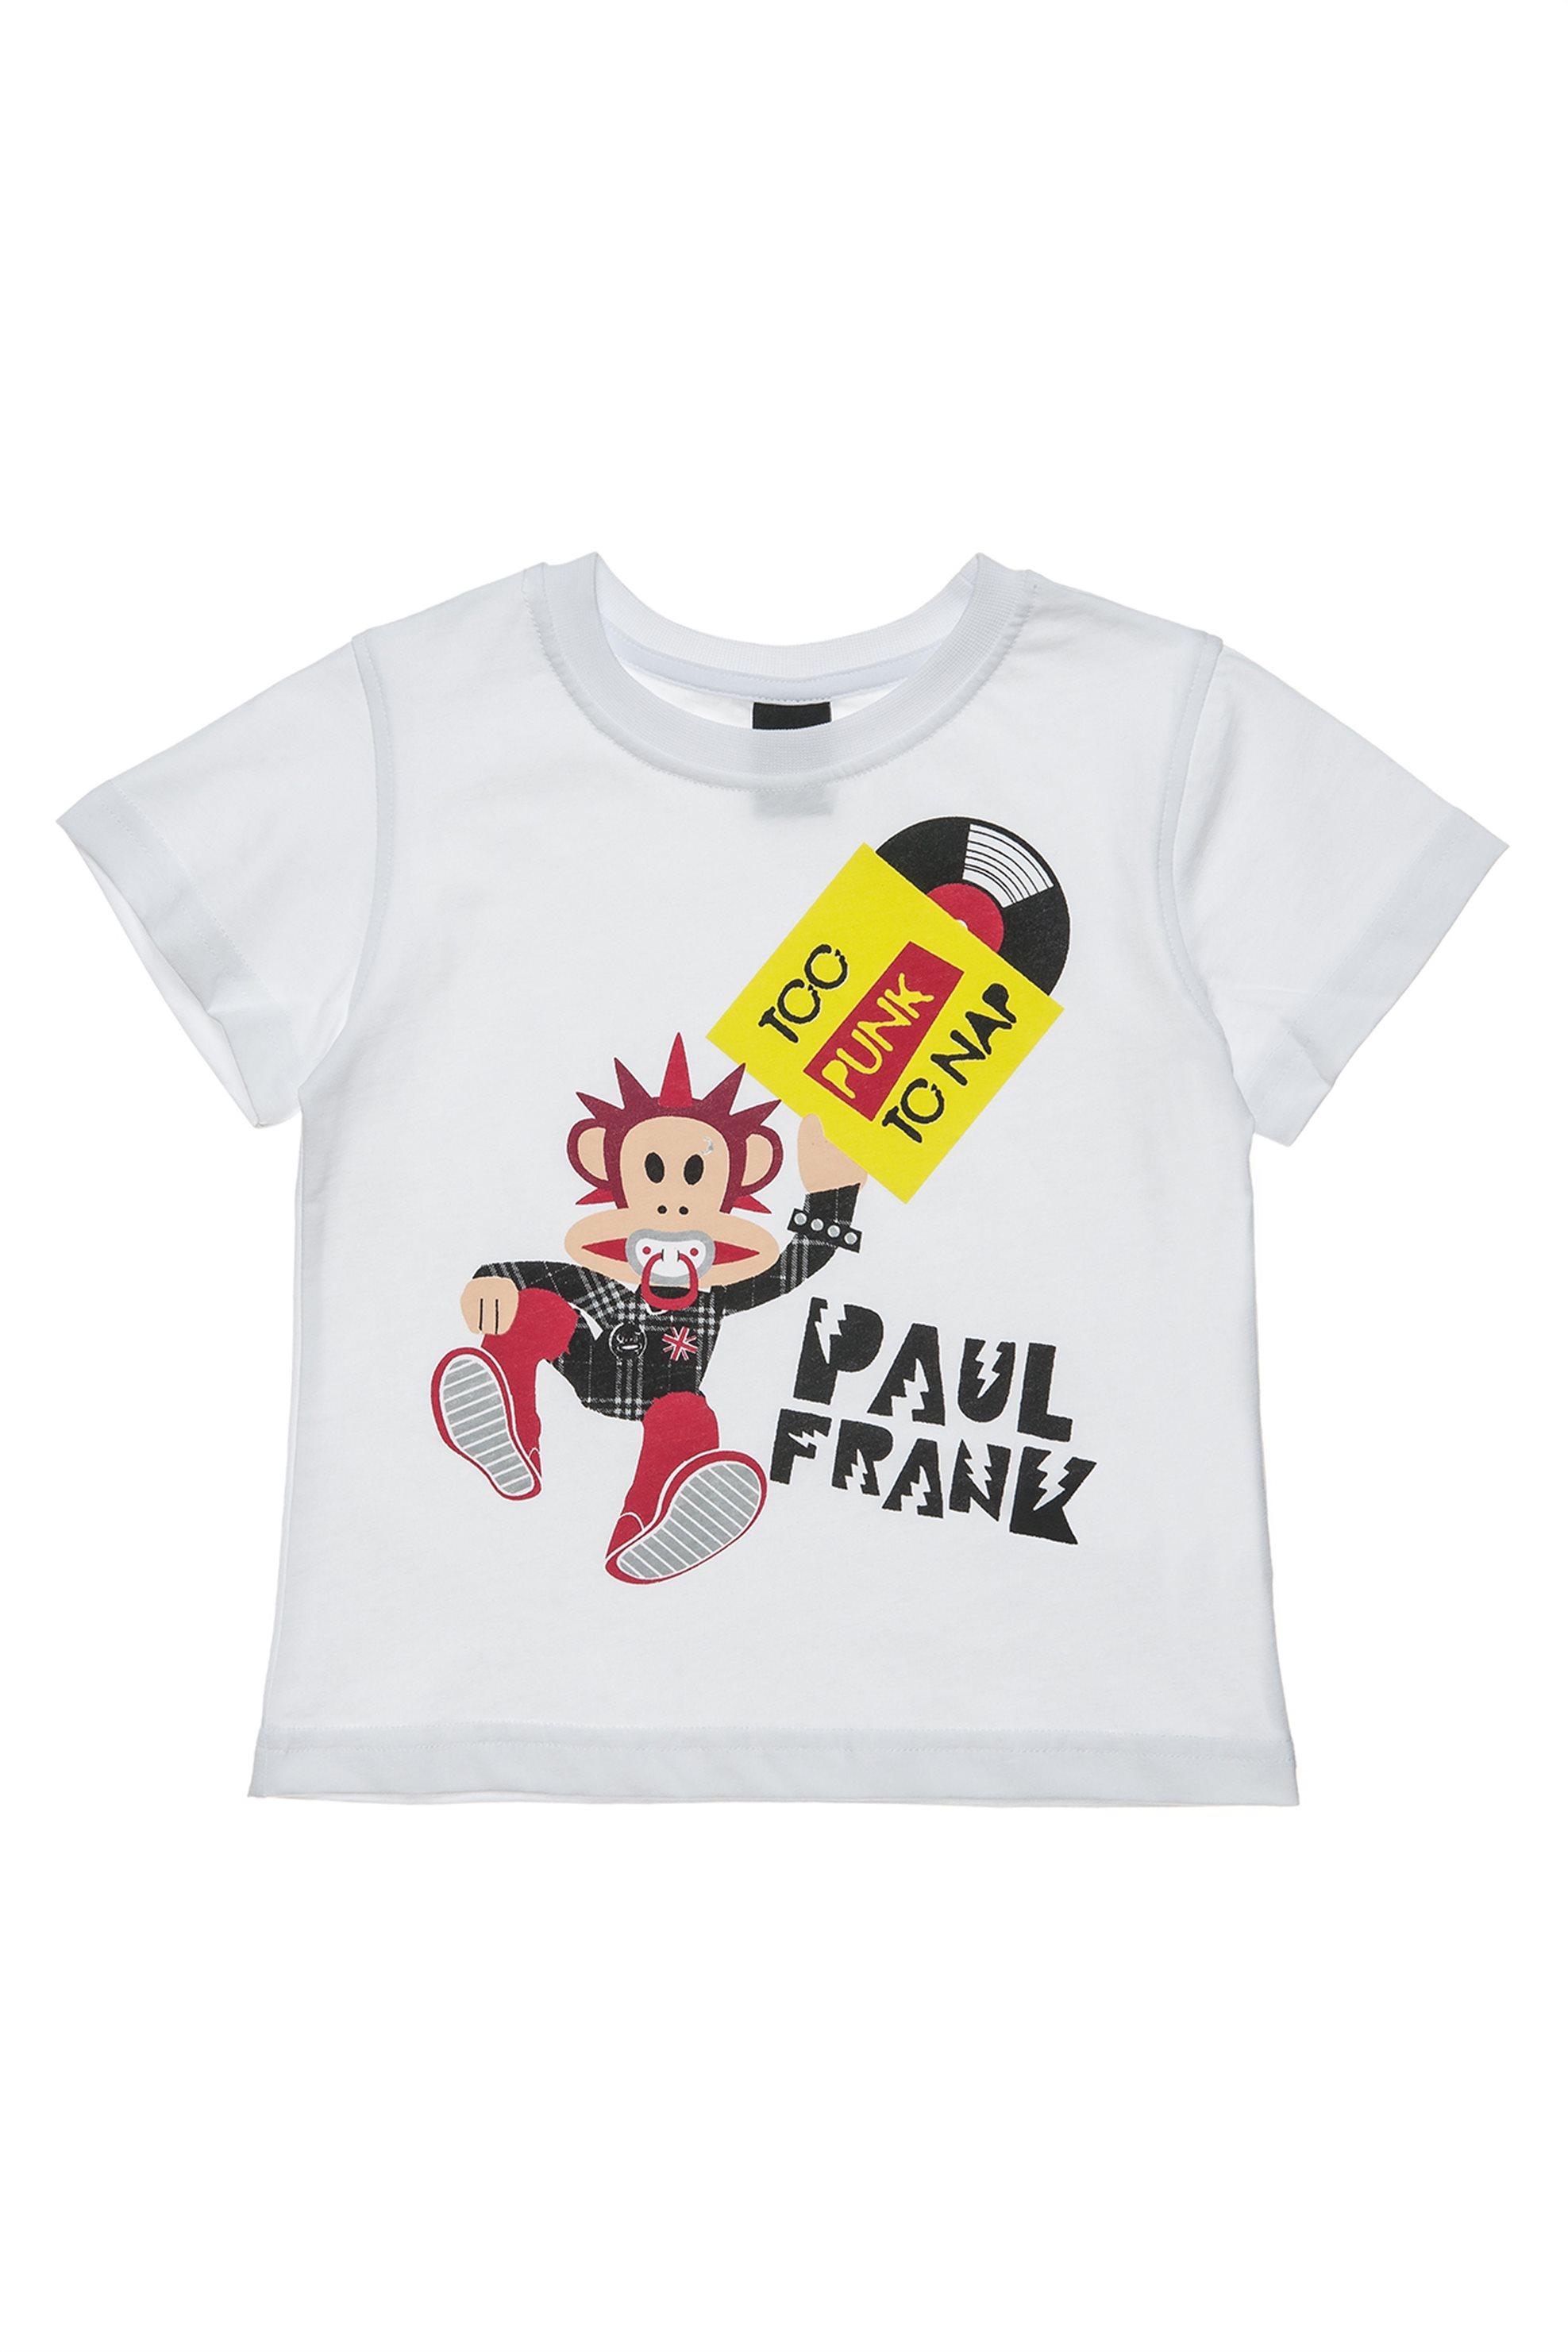 Παιδικό σετ T-shirt με print (18 μηνών-5 ετών) Paul Frank Collection - 00350695  παιδι   βρεφικα αγορι   0 3 ετων   αγορι   4 14 ετων   ρούχα   μπλουζάκια   παντ